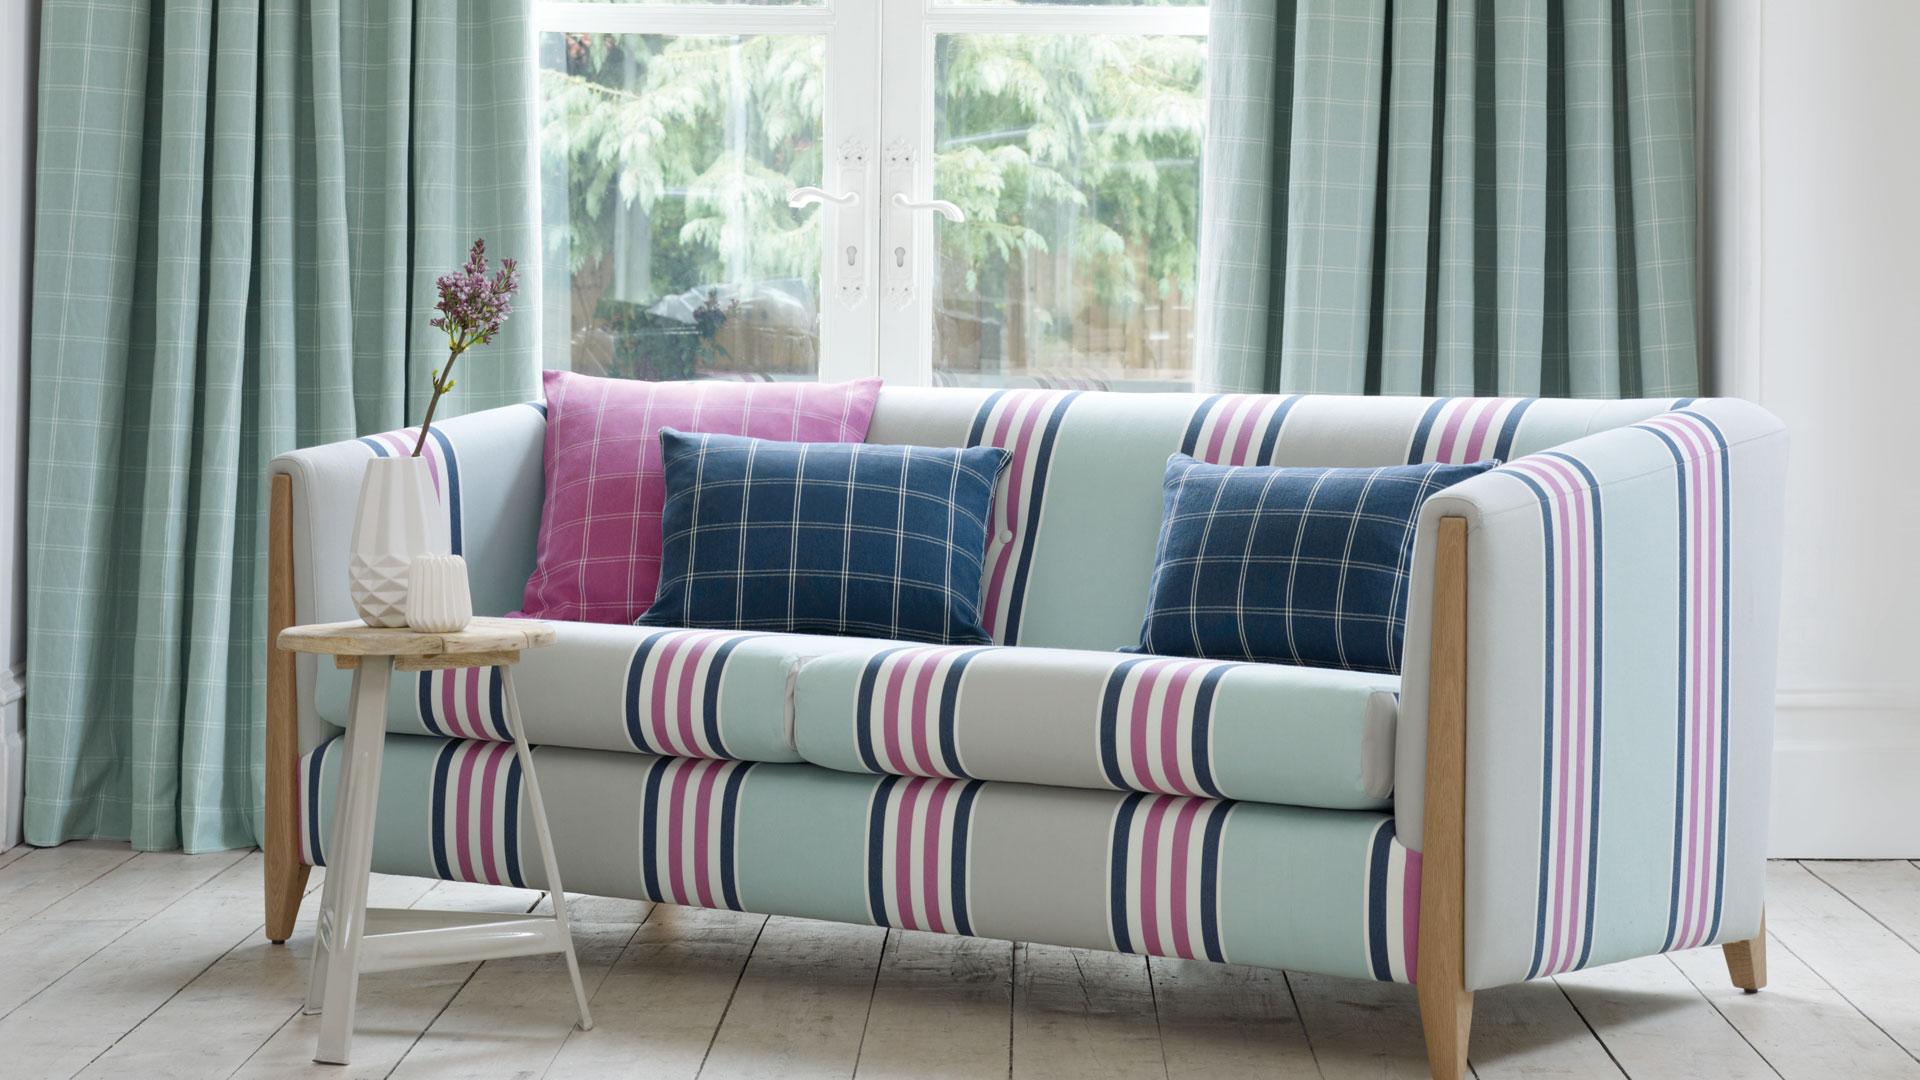 Sofa Repair Services